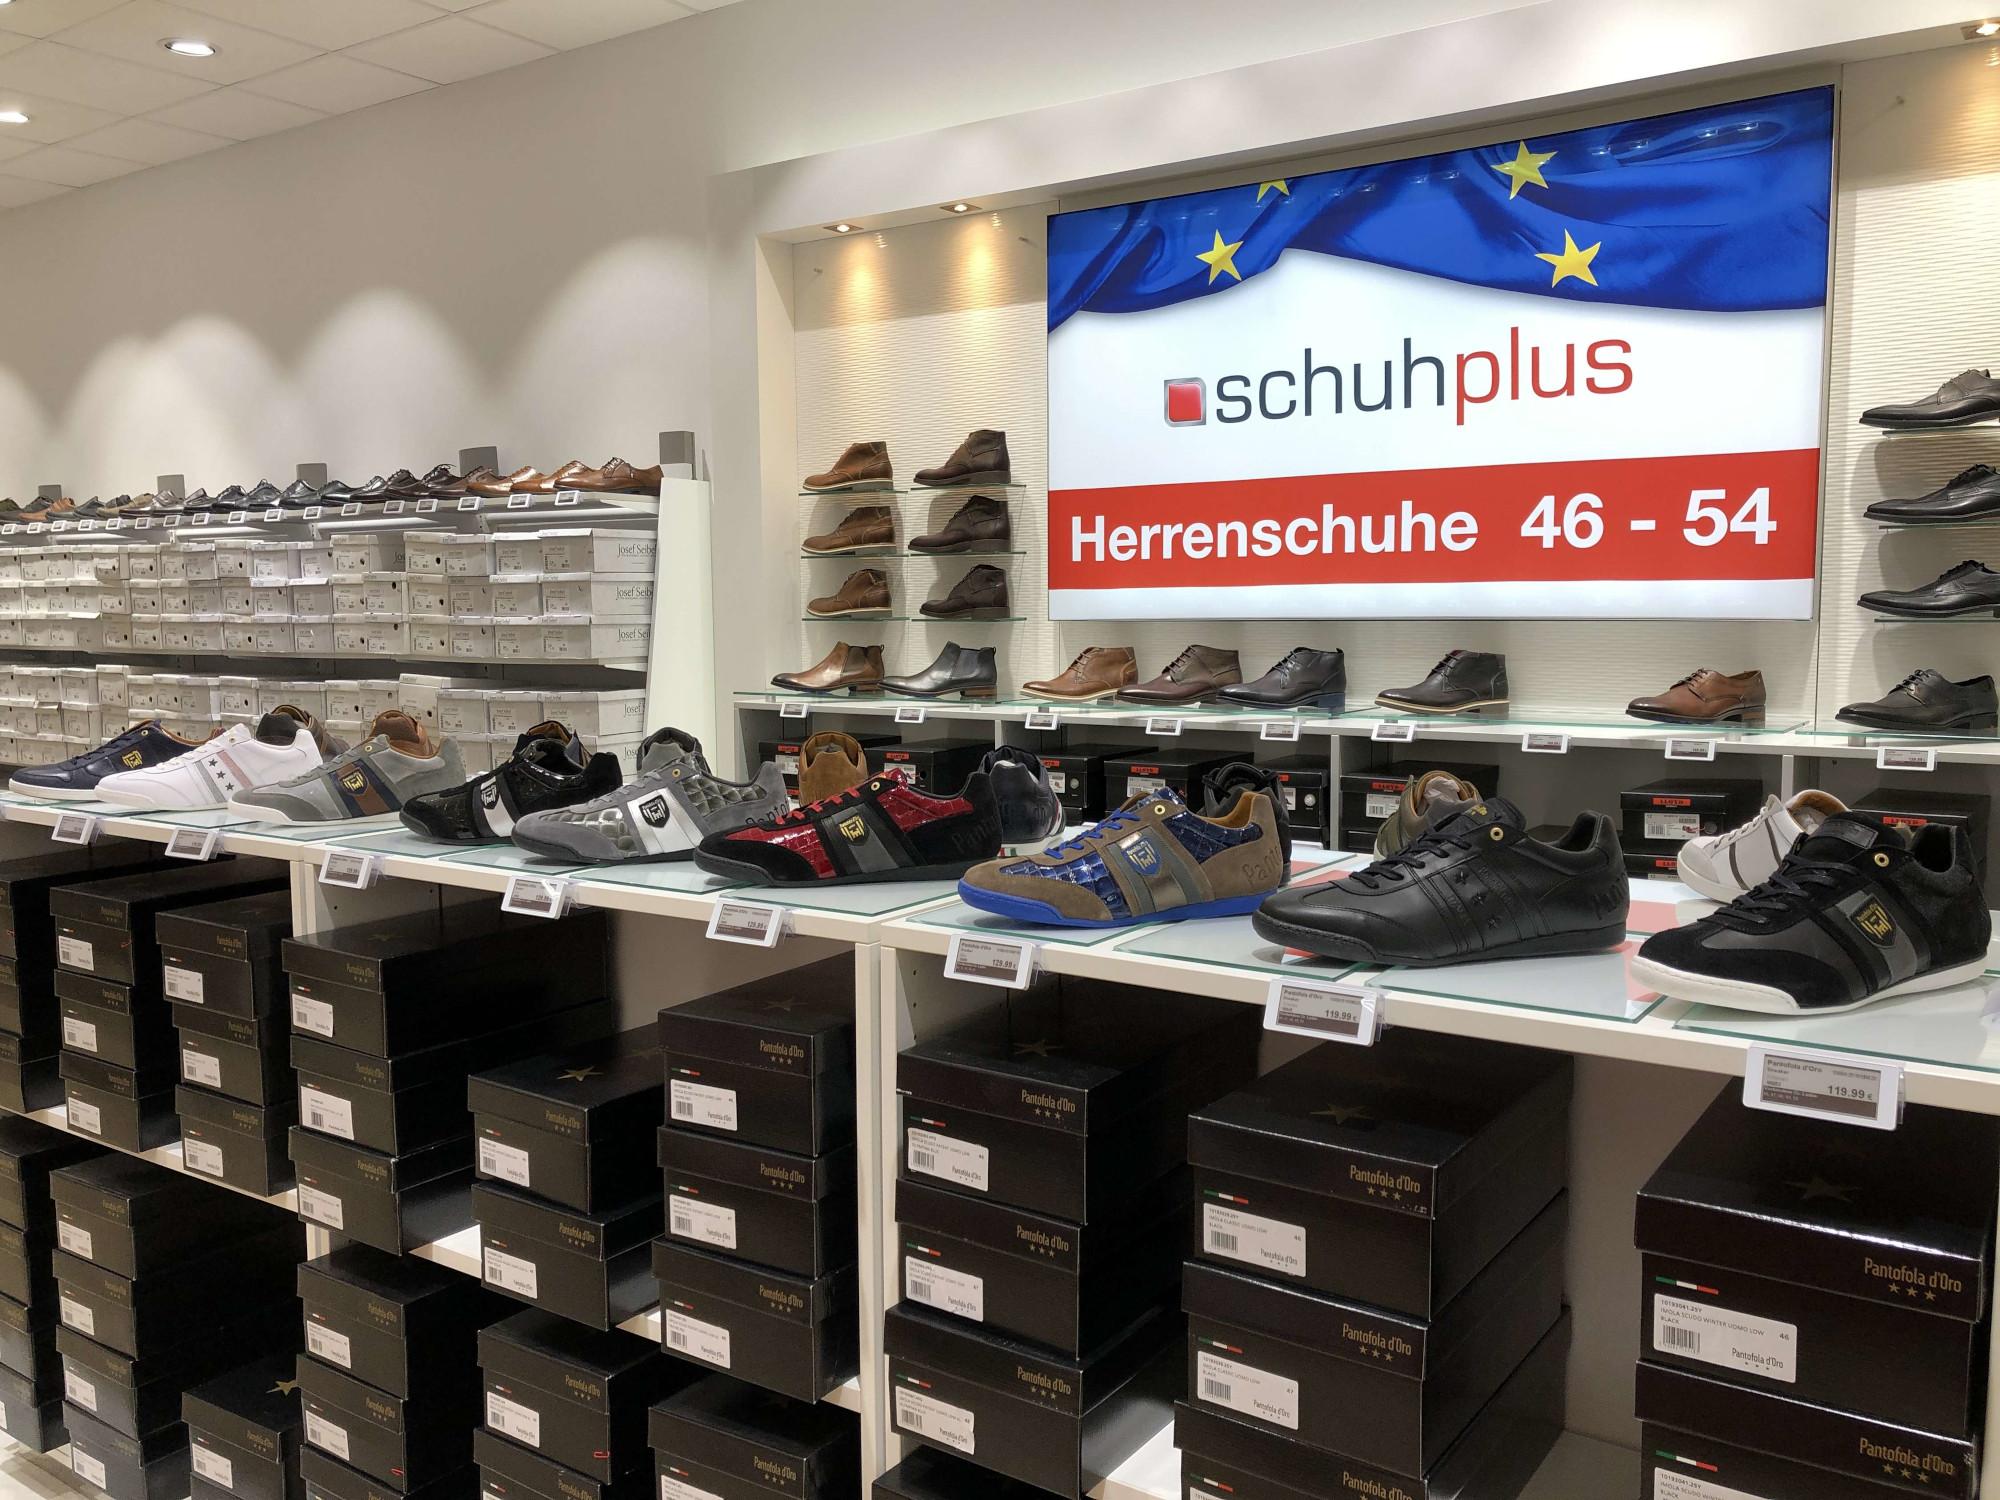 Herrenschuhe Übergröße bei schuhplus in Kaltenkirchen im